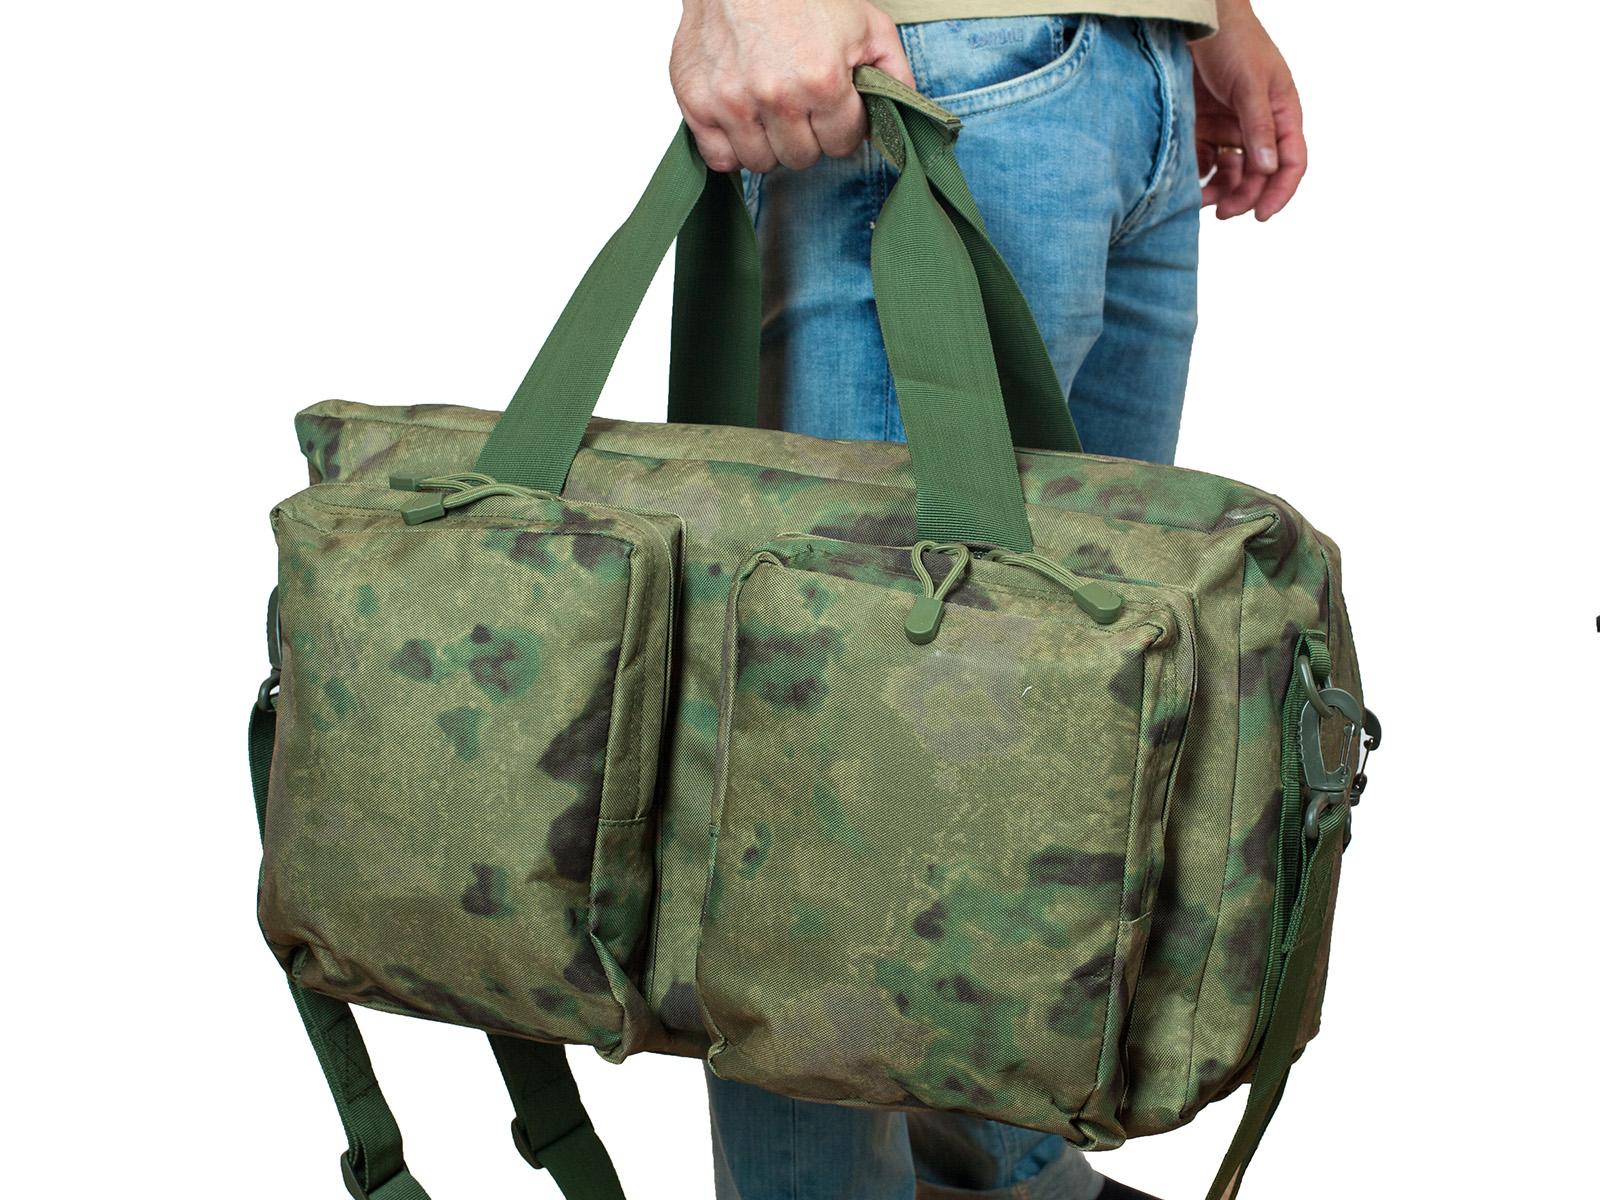 Камуфляжная заплечная сумка с нашивкой Русская Охота - заказать в подарок